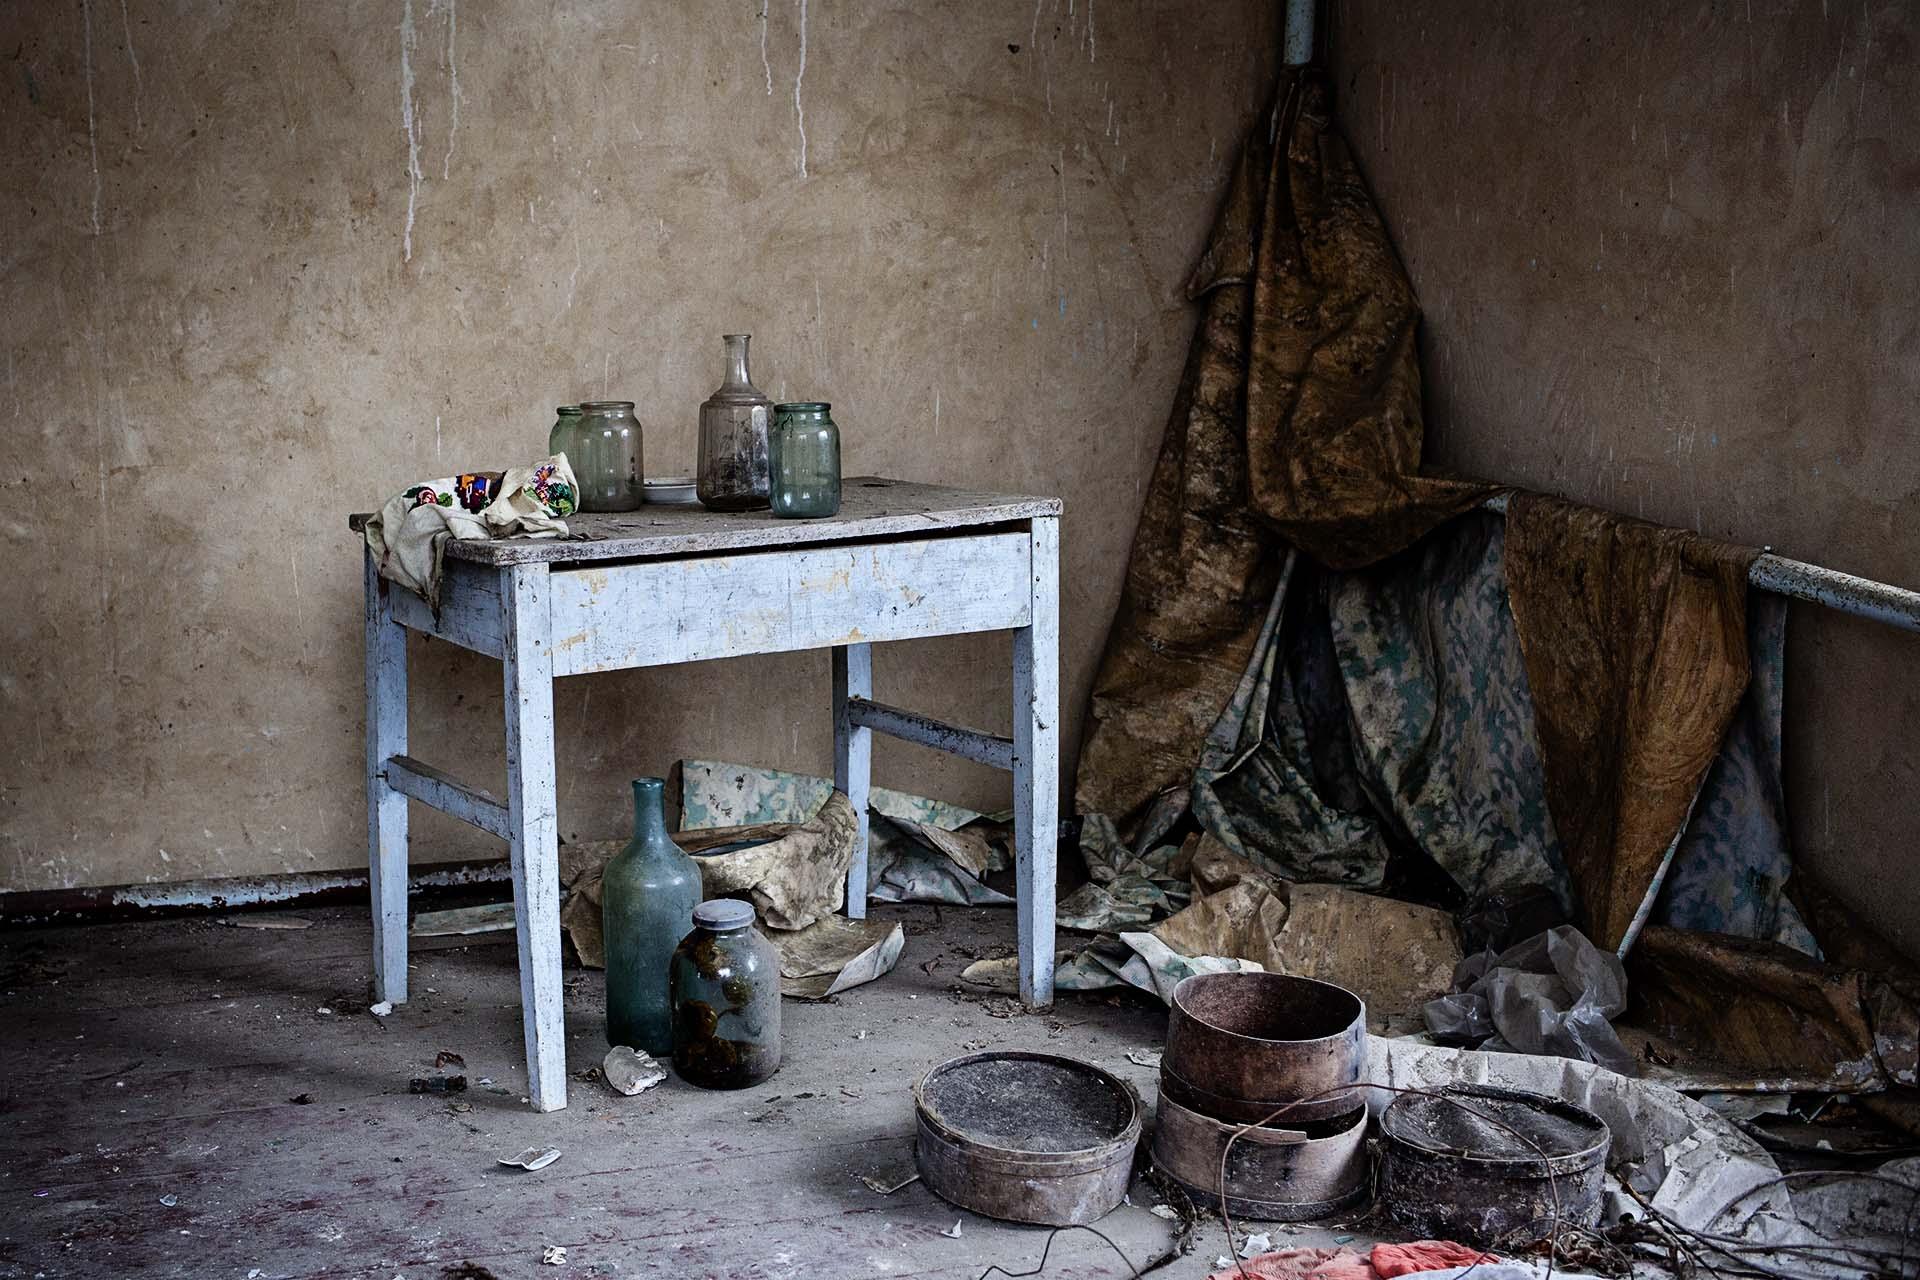 Imagen del interior de una casa abandonada.